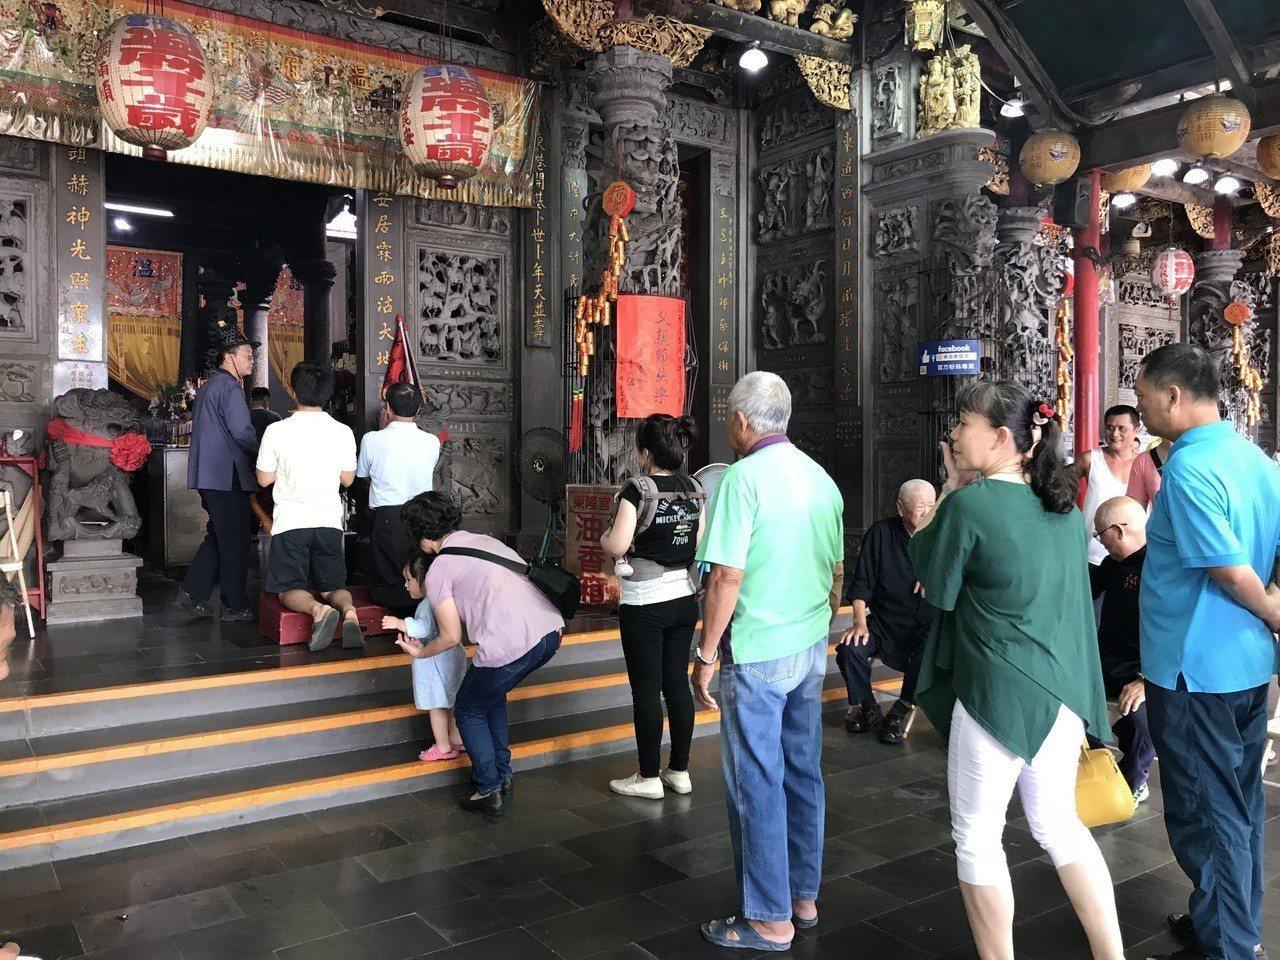 屏東的東港東隆宮趕著改運的排隊人潮增多。記者蔣繼平/攝影